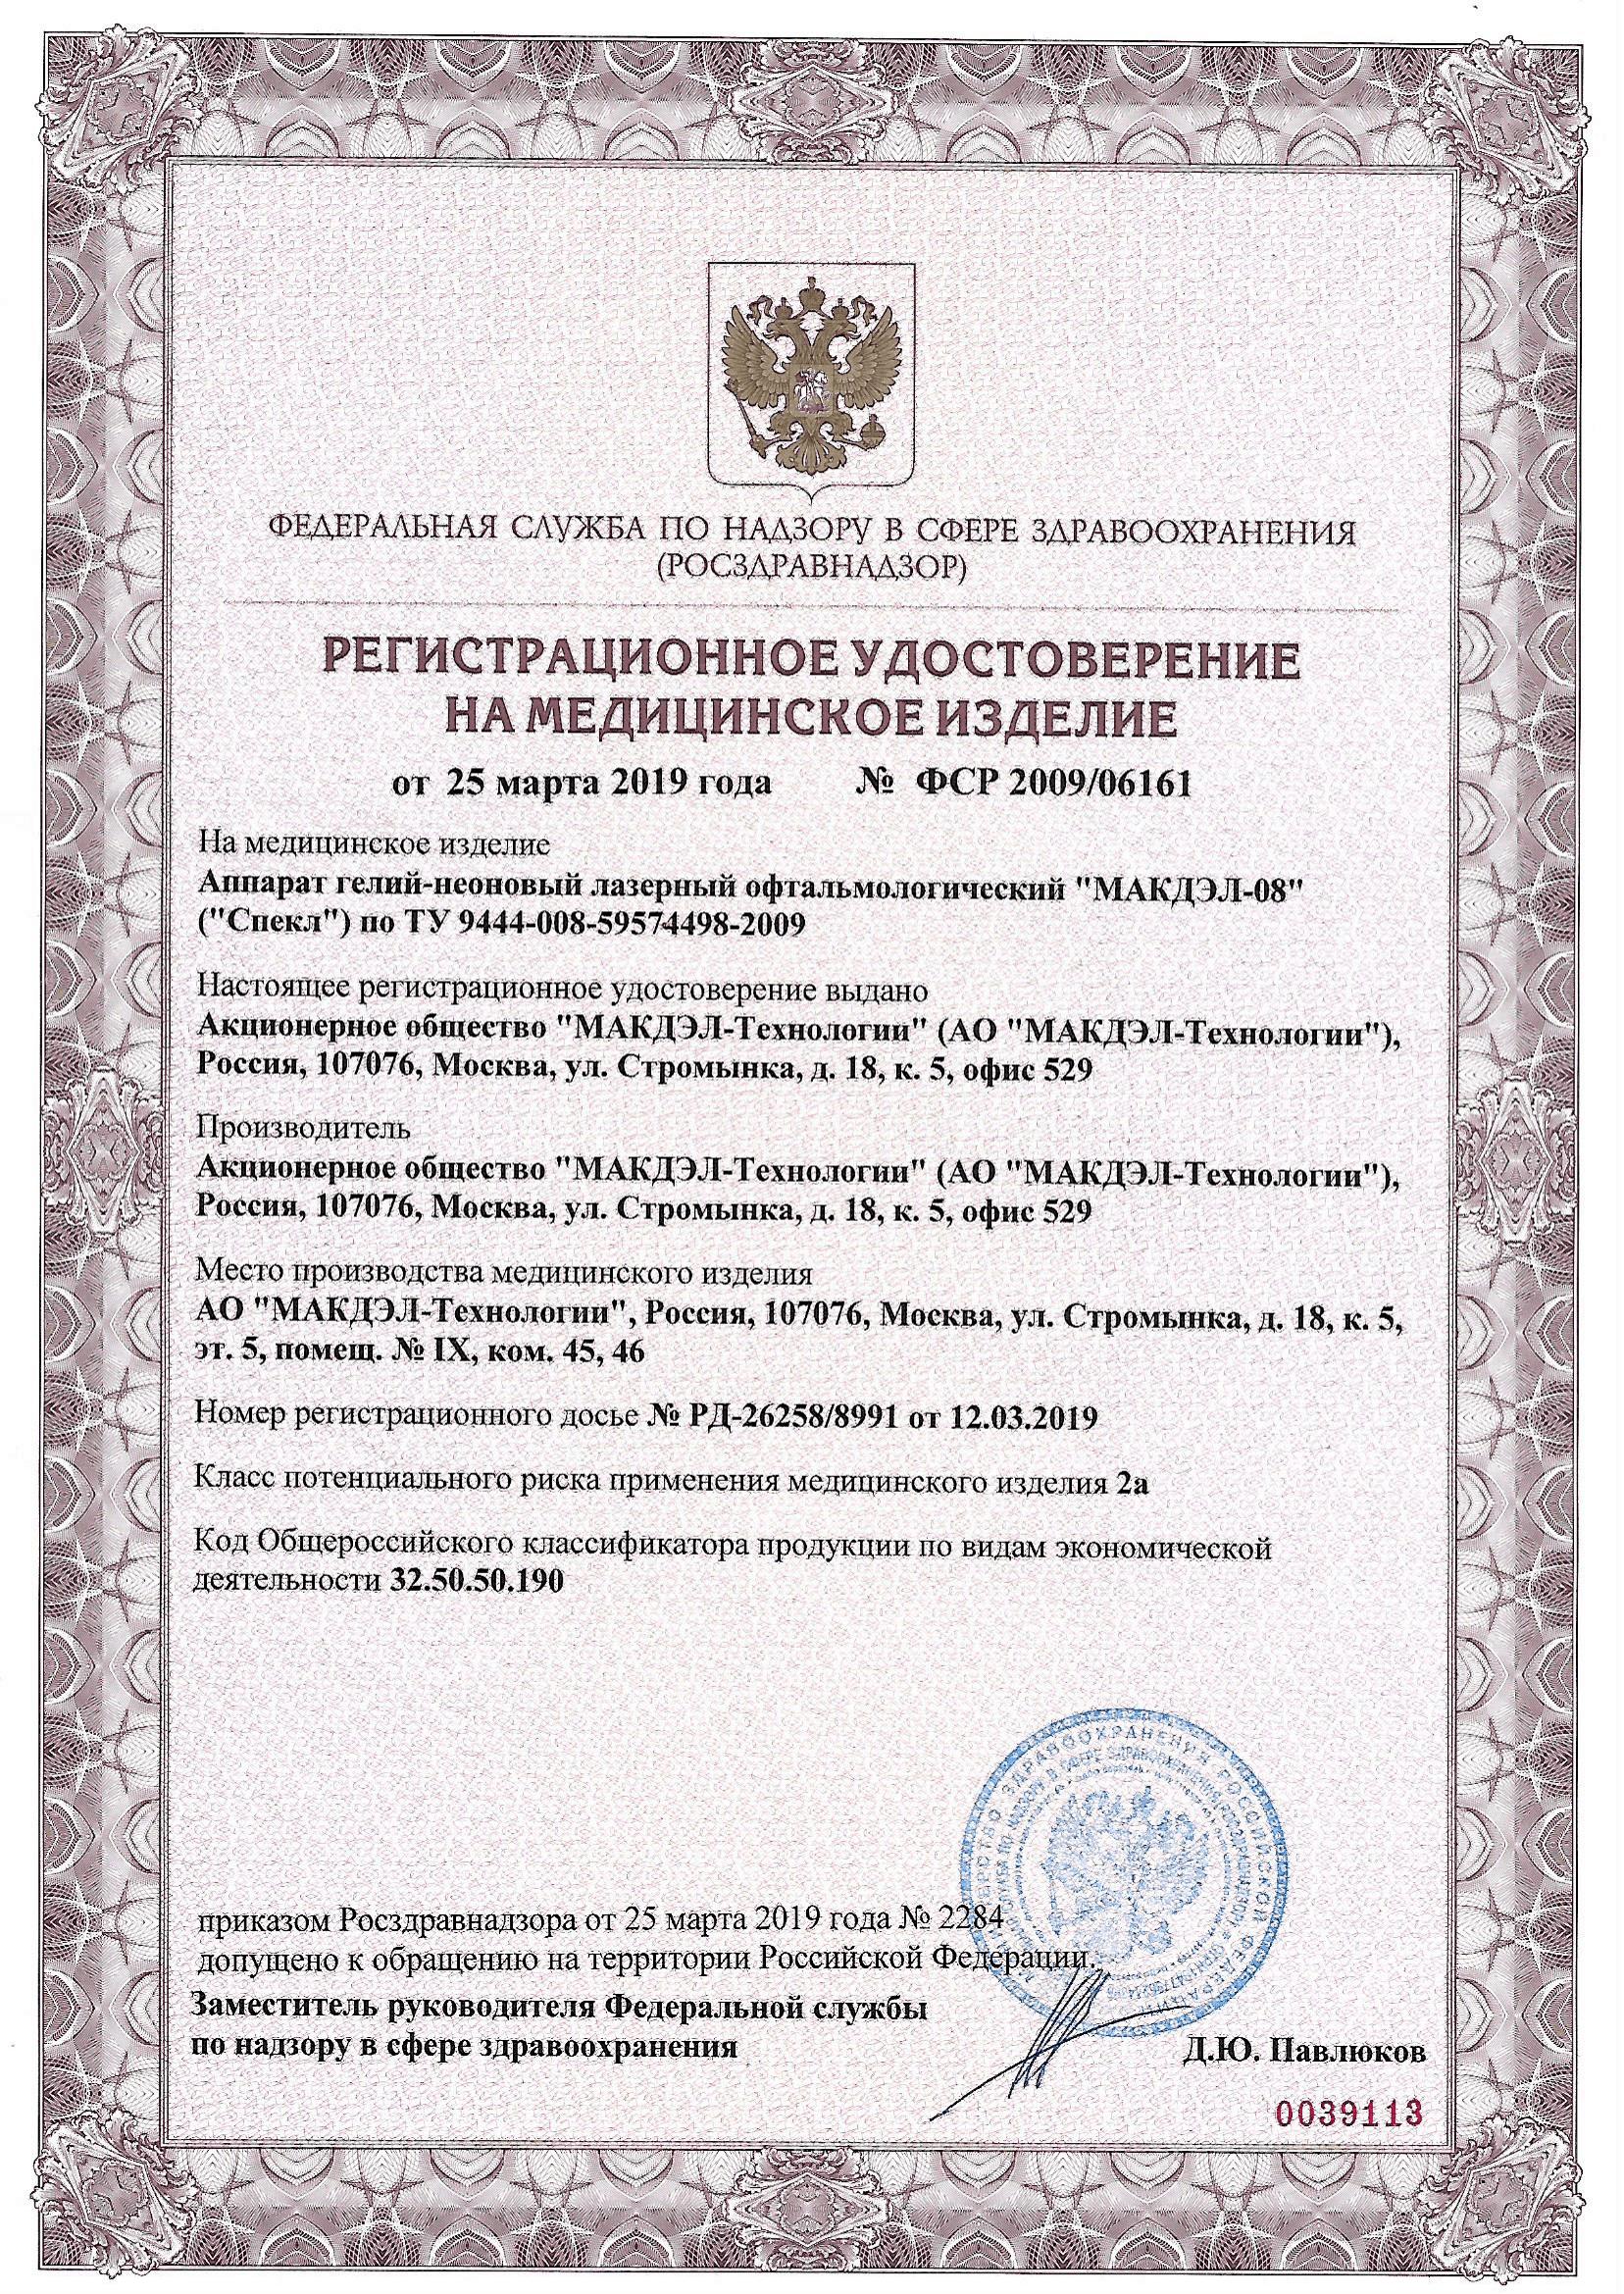 РУ М-08